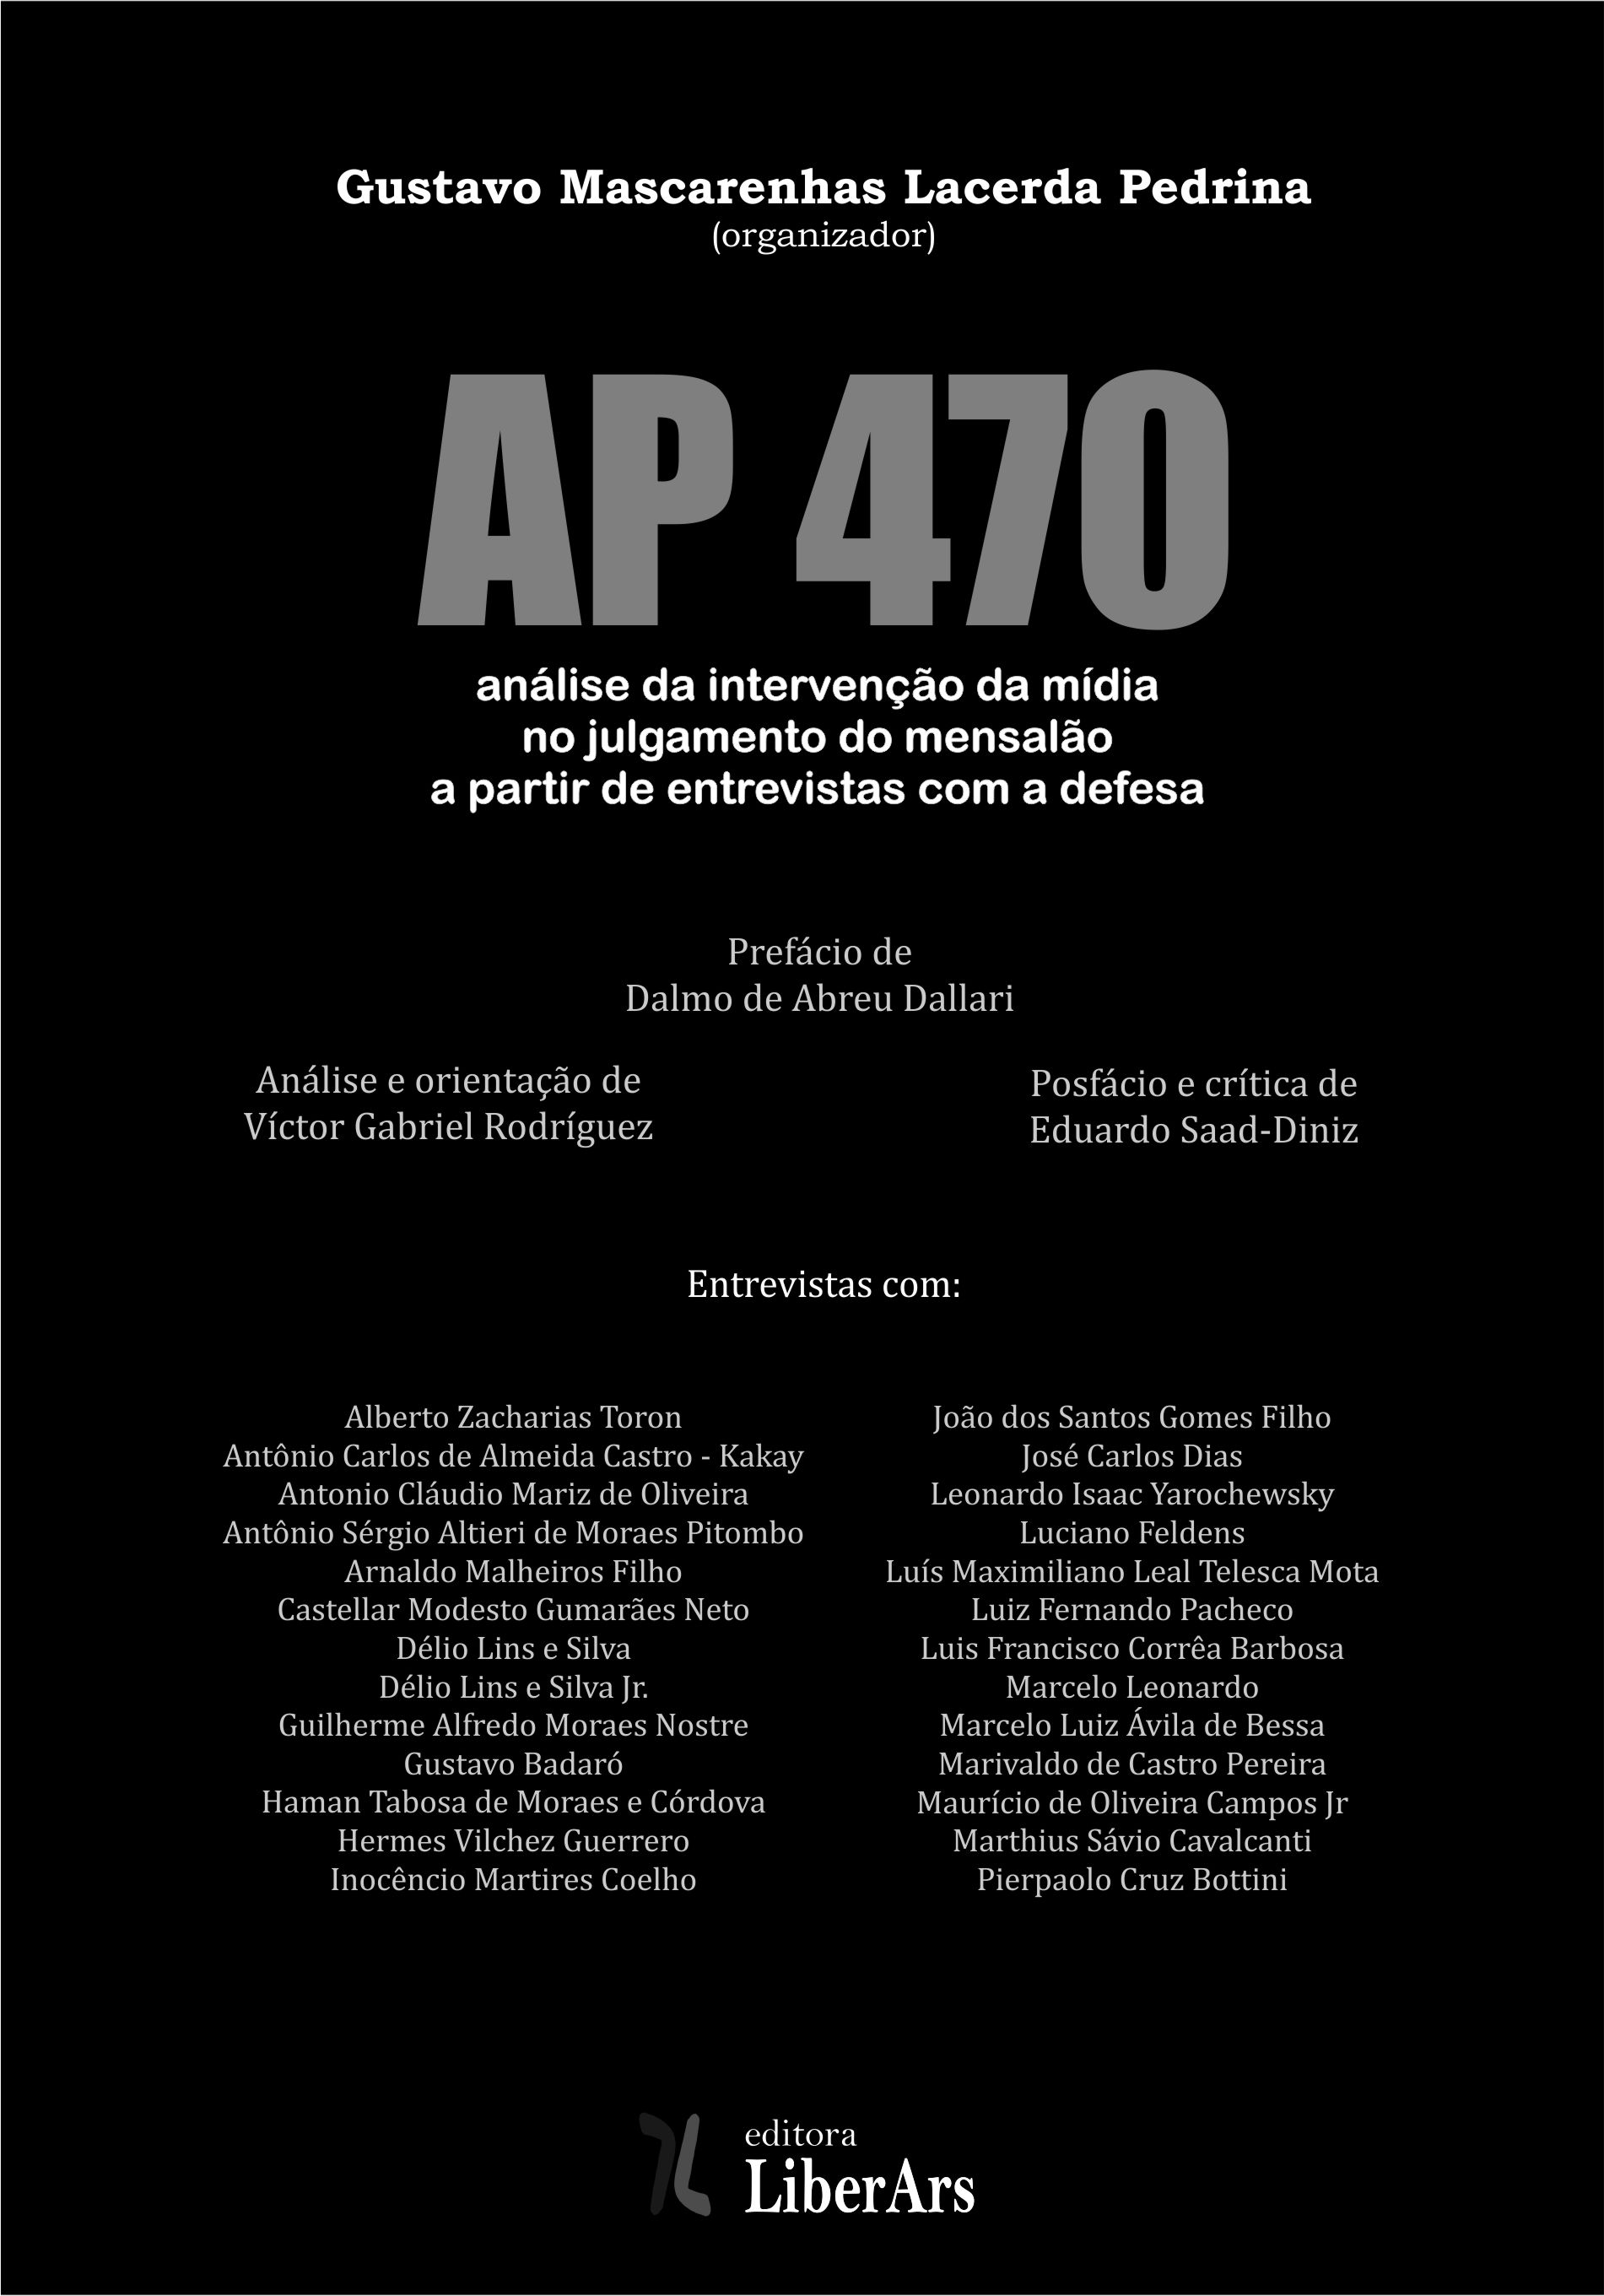 AP 470: análise da intervenção da mídia no julgamento do mensalão, livro de Gustavo Mascarenhas Lacerda Pedrina